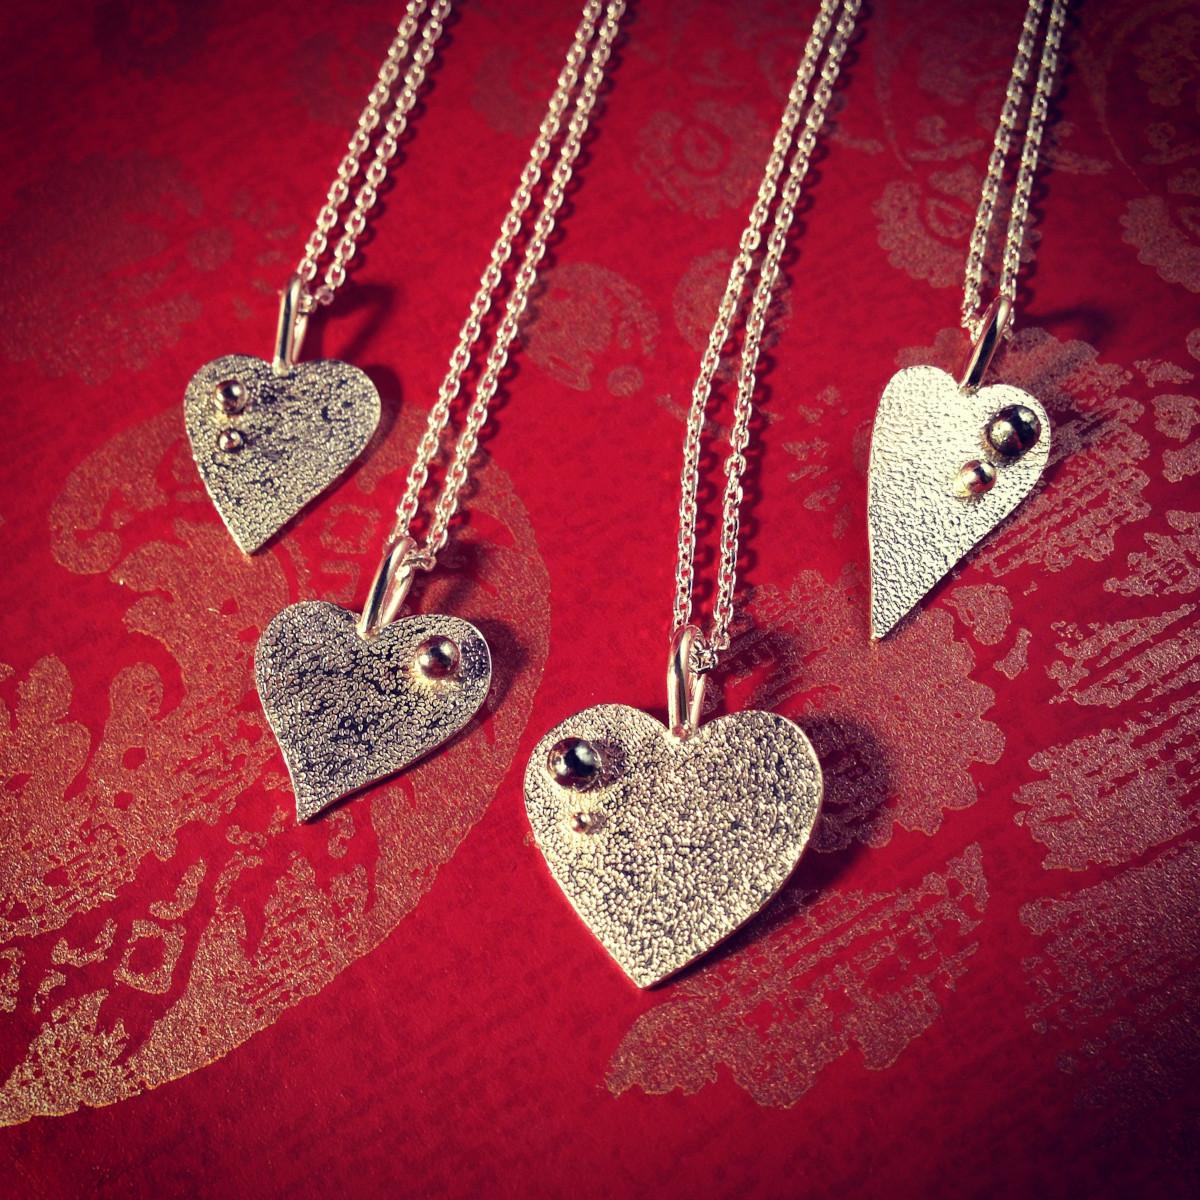 Hängsmycken i silver i form av hjärtan i olika former